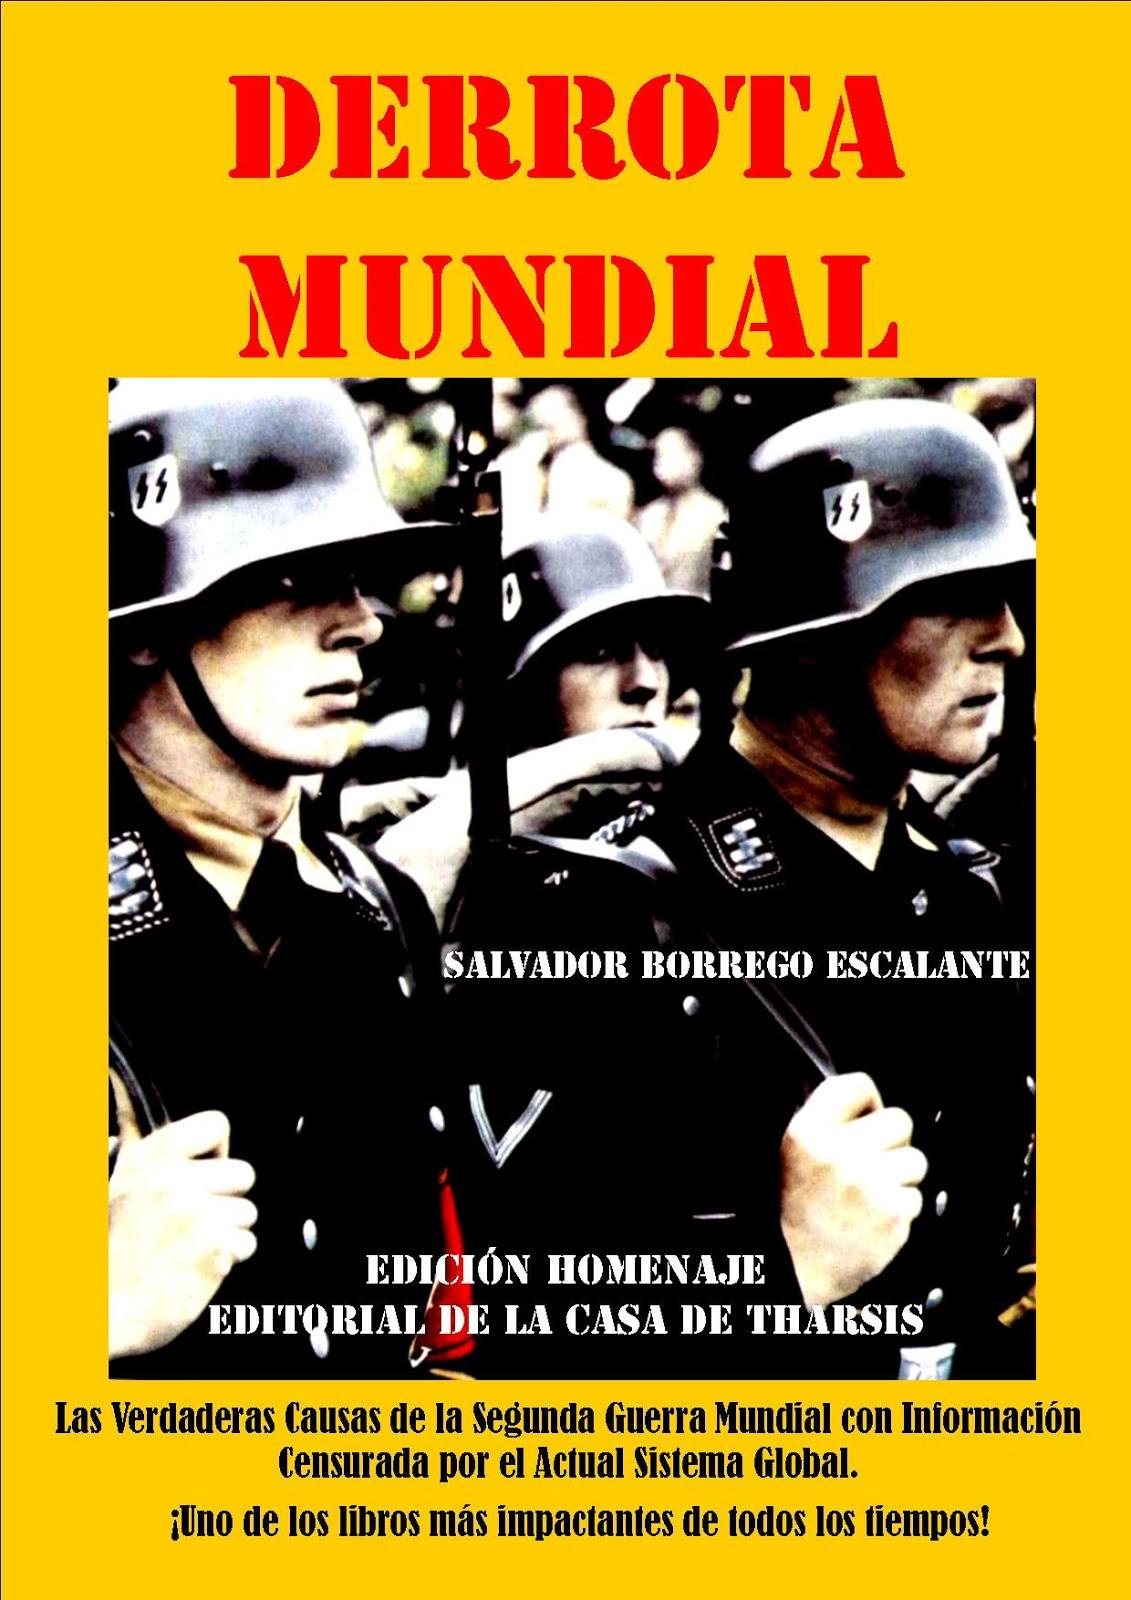 derrota mundial salvador borrego libros pdf